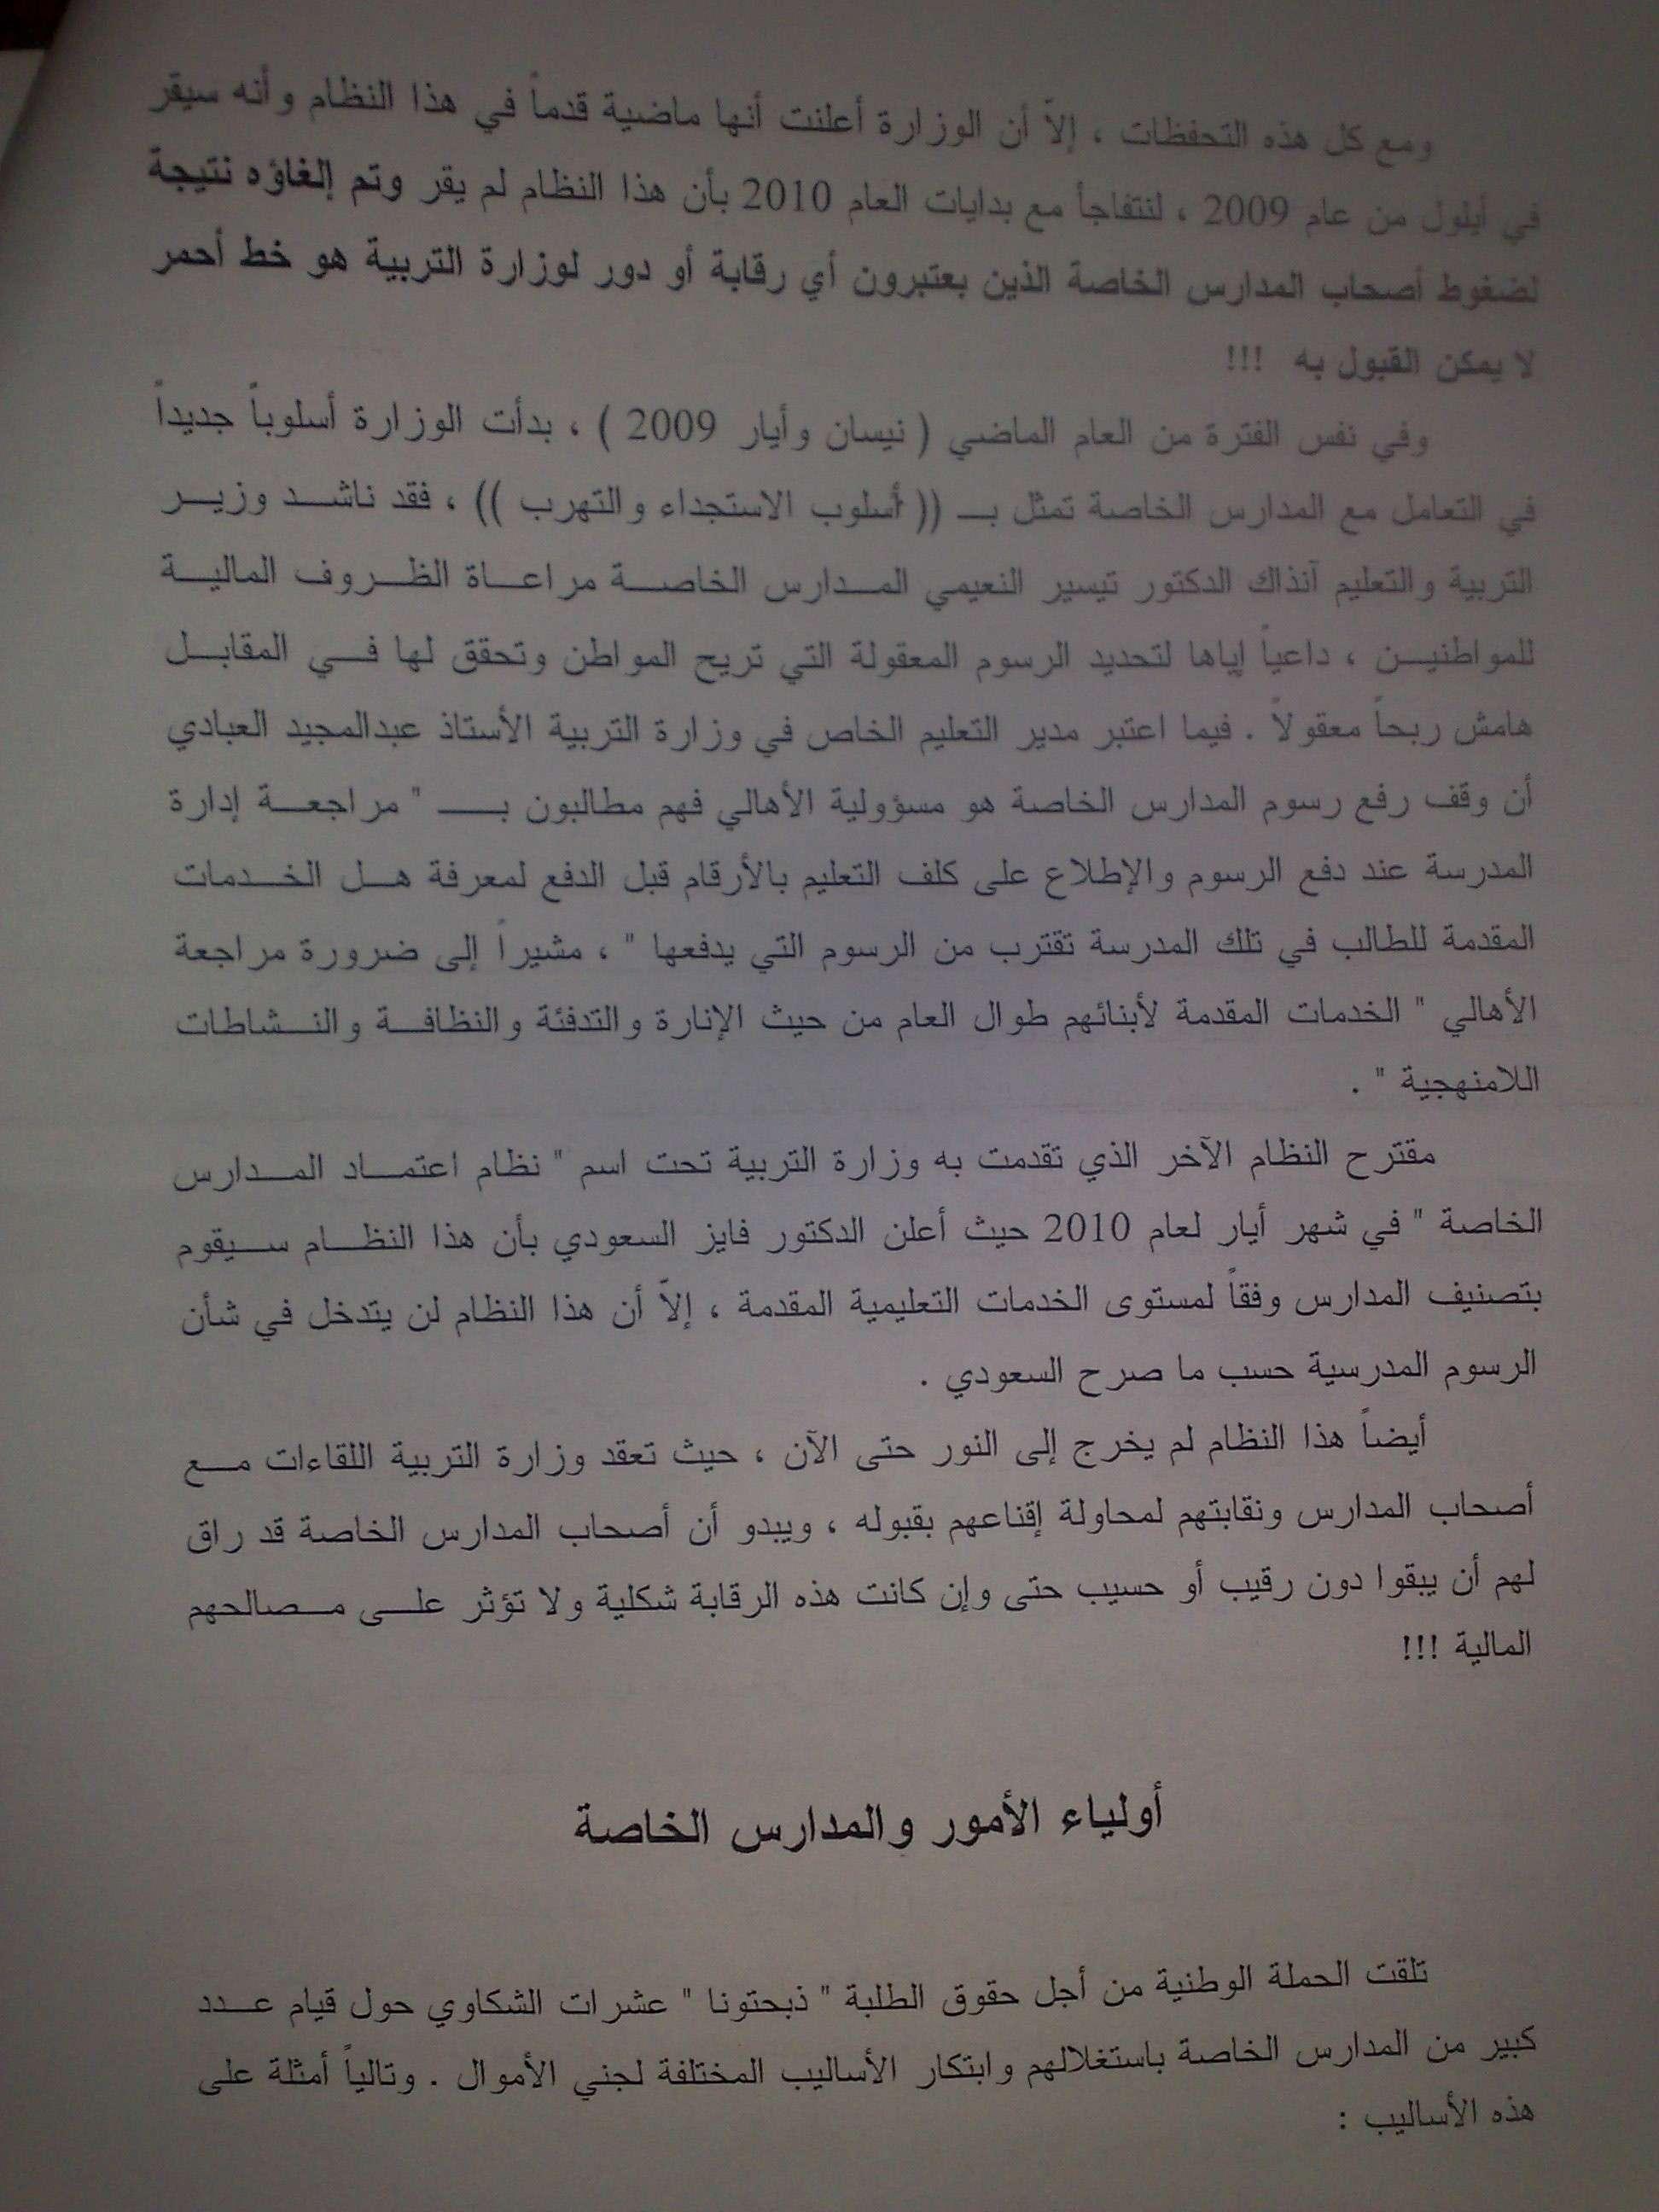 """قرائة الحملة الوطنية من اجل حقوق الطلبة"""" ذبحتونا"""" حول المدارس الخاصة Thab7t13"""